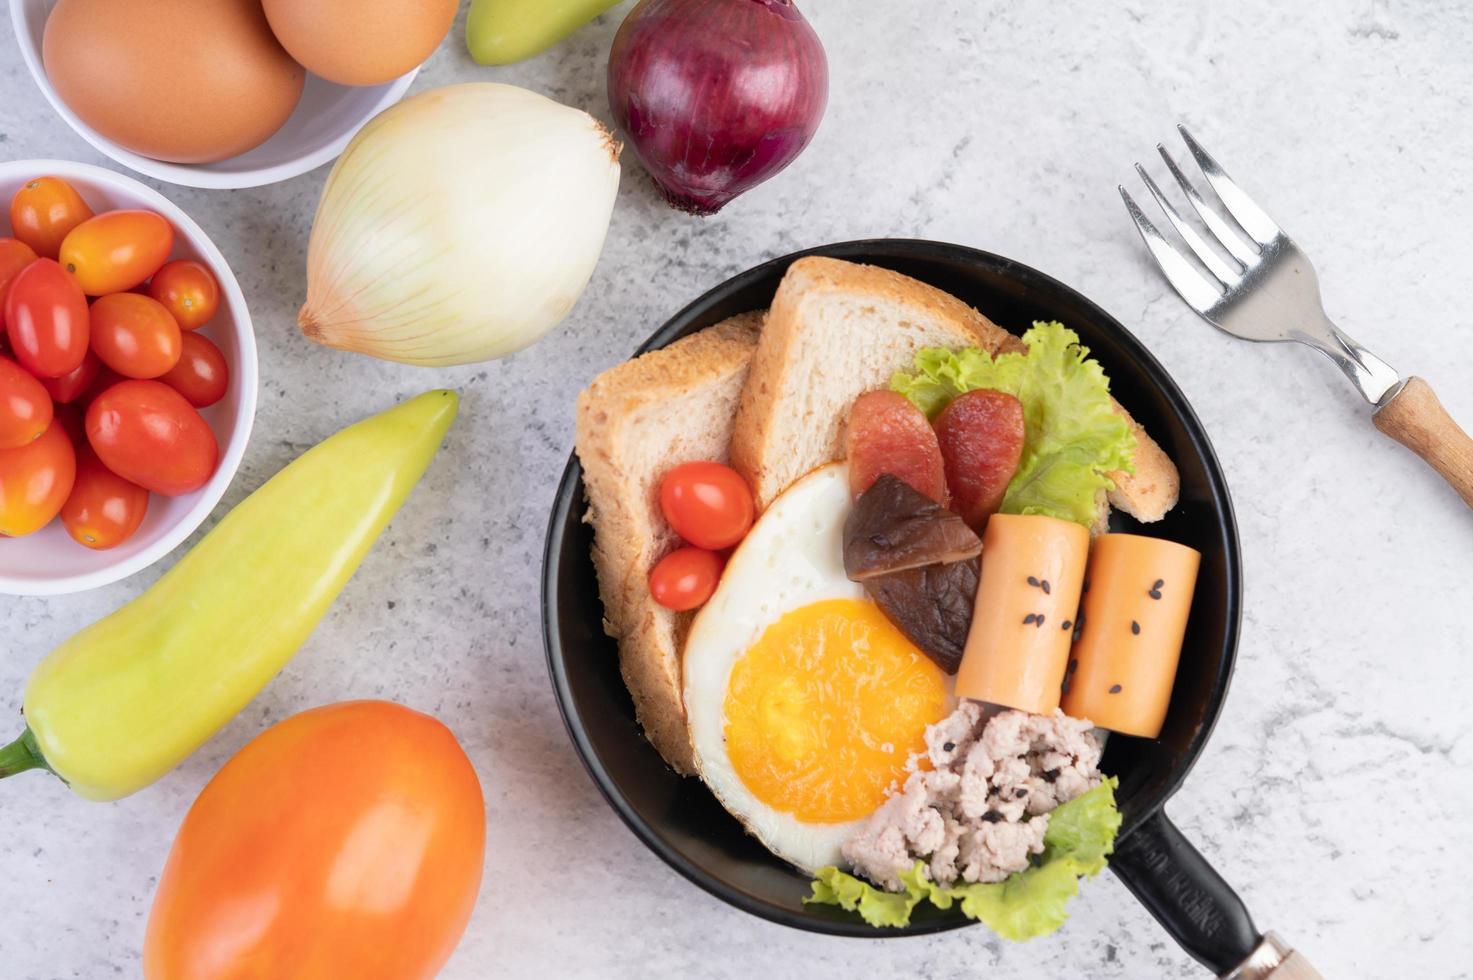 Gemüsesalat mit Brot und gekochten Eiern foto